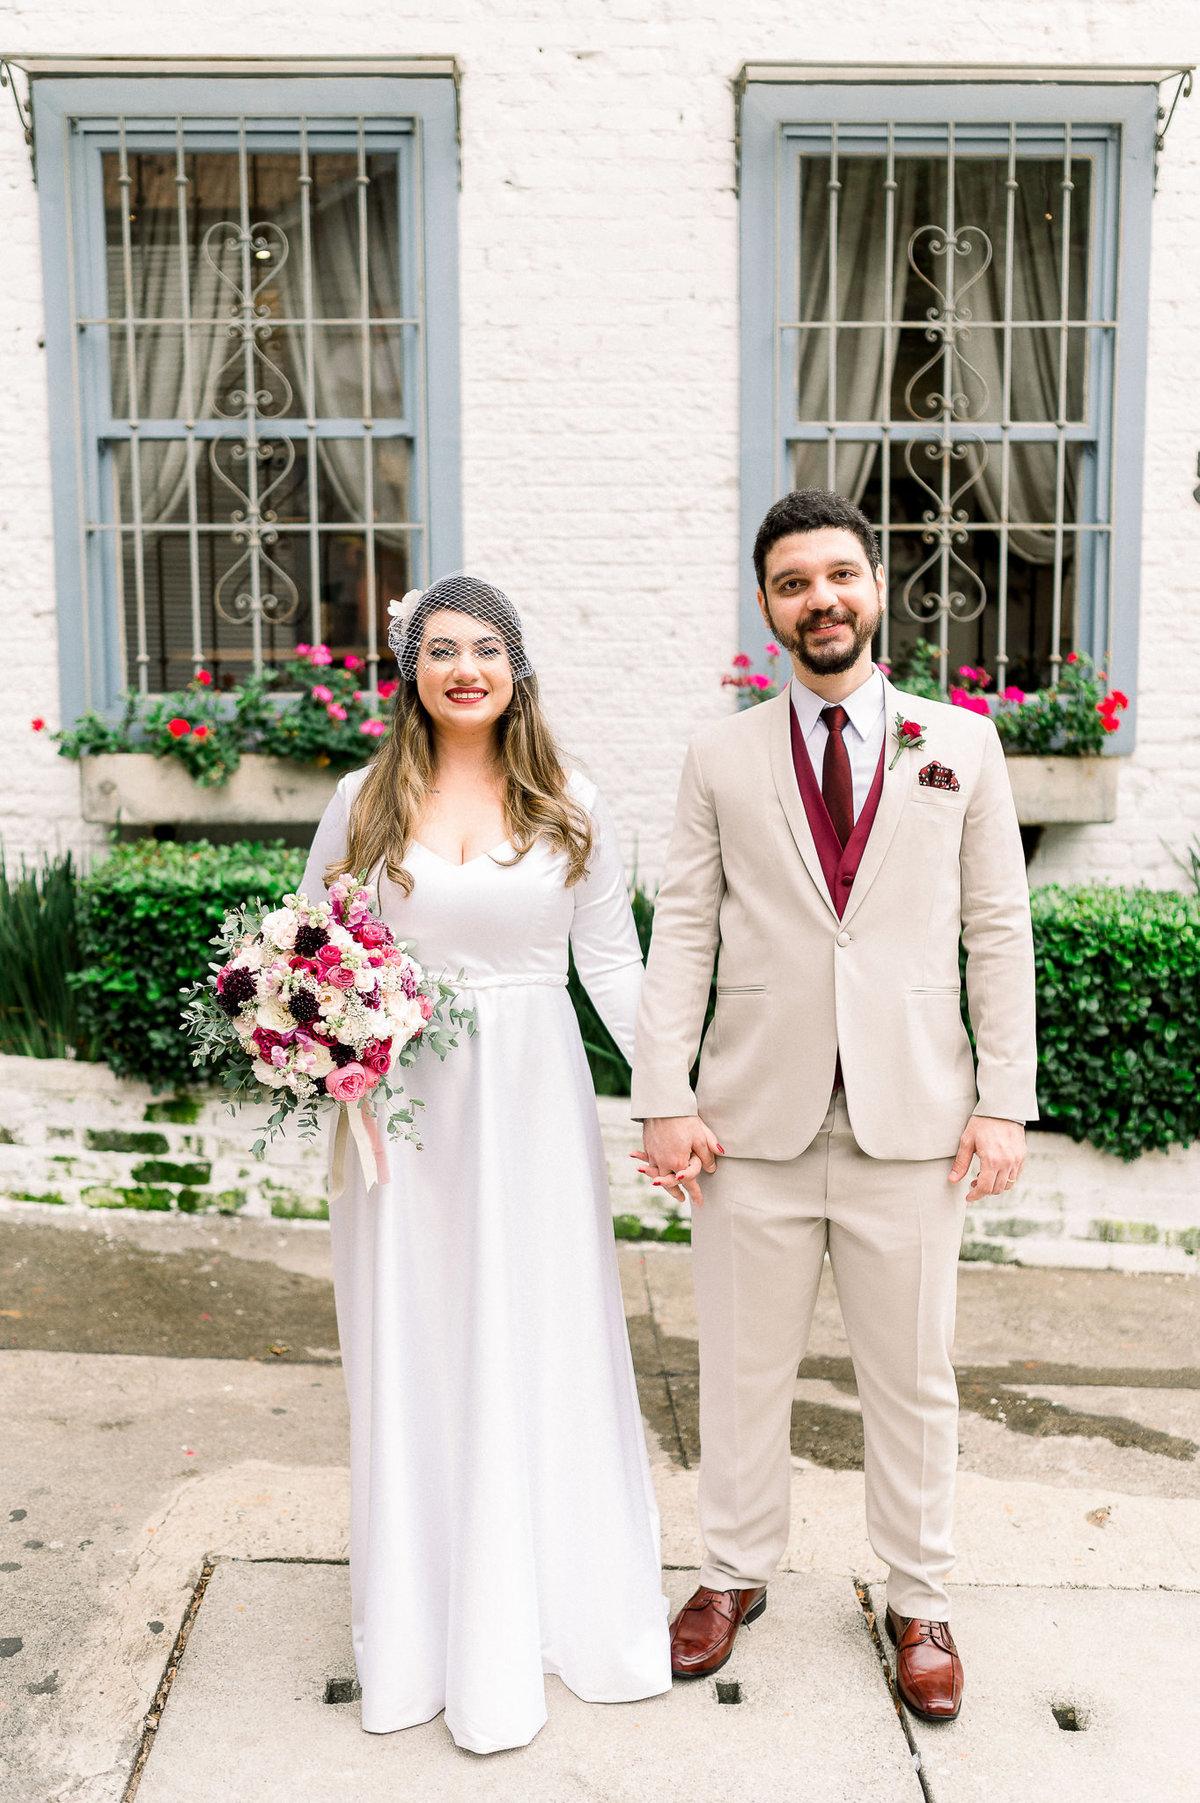 Imagem capa - MINI WEDDING - JÉSSICA E PEDRO - CASINHA QUINTAL - DEZEMBRO 2020 por Juliana Toledo